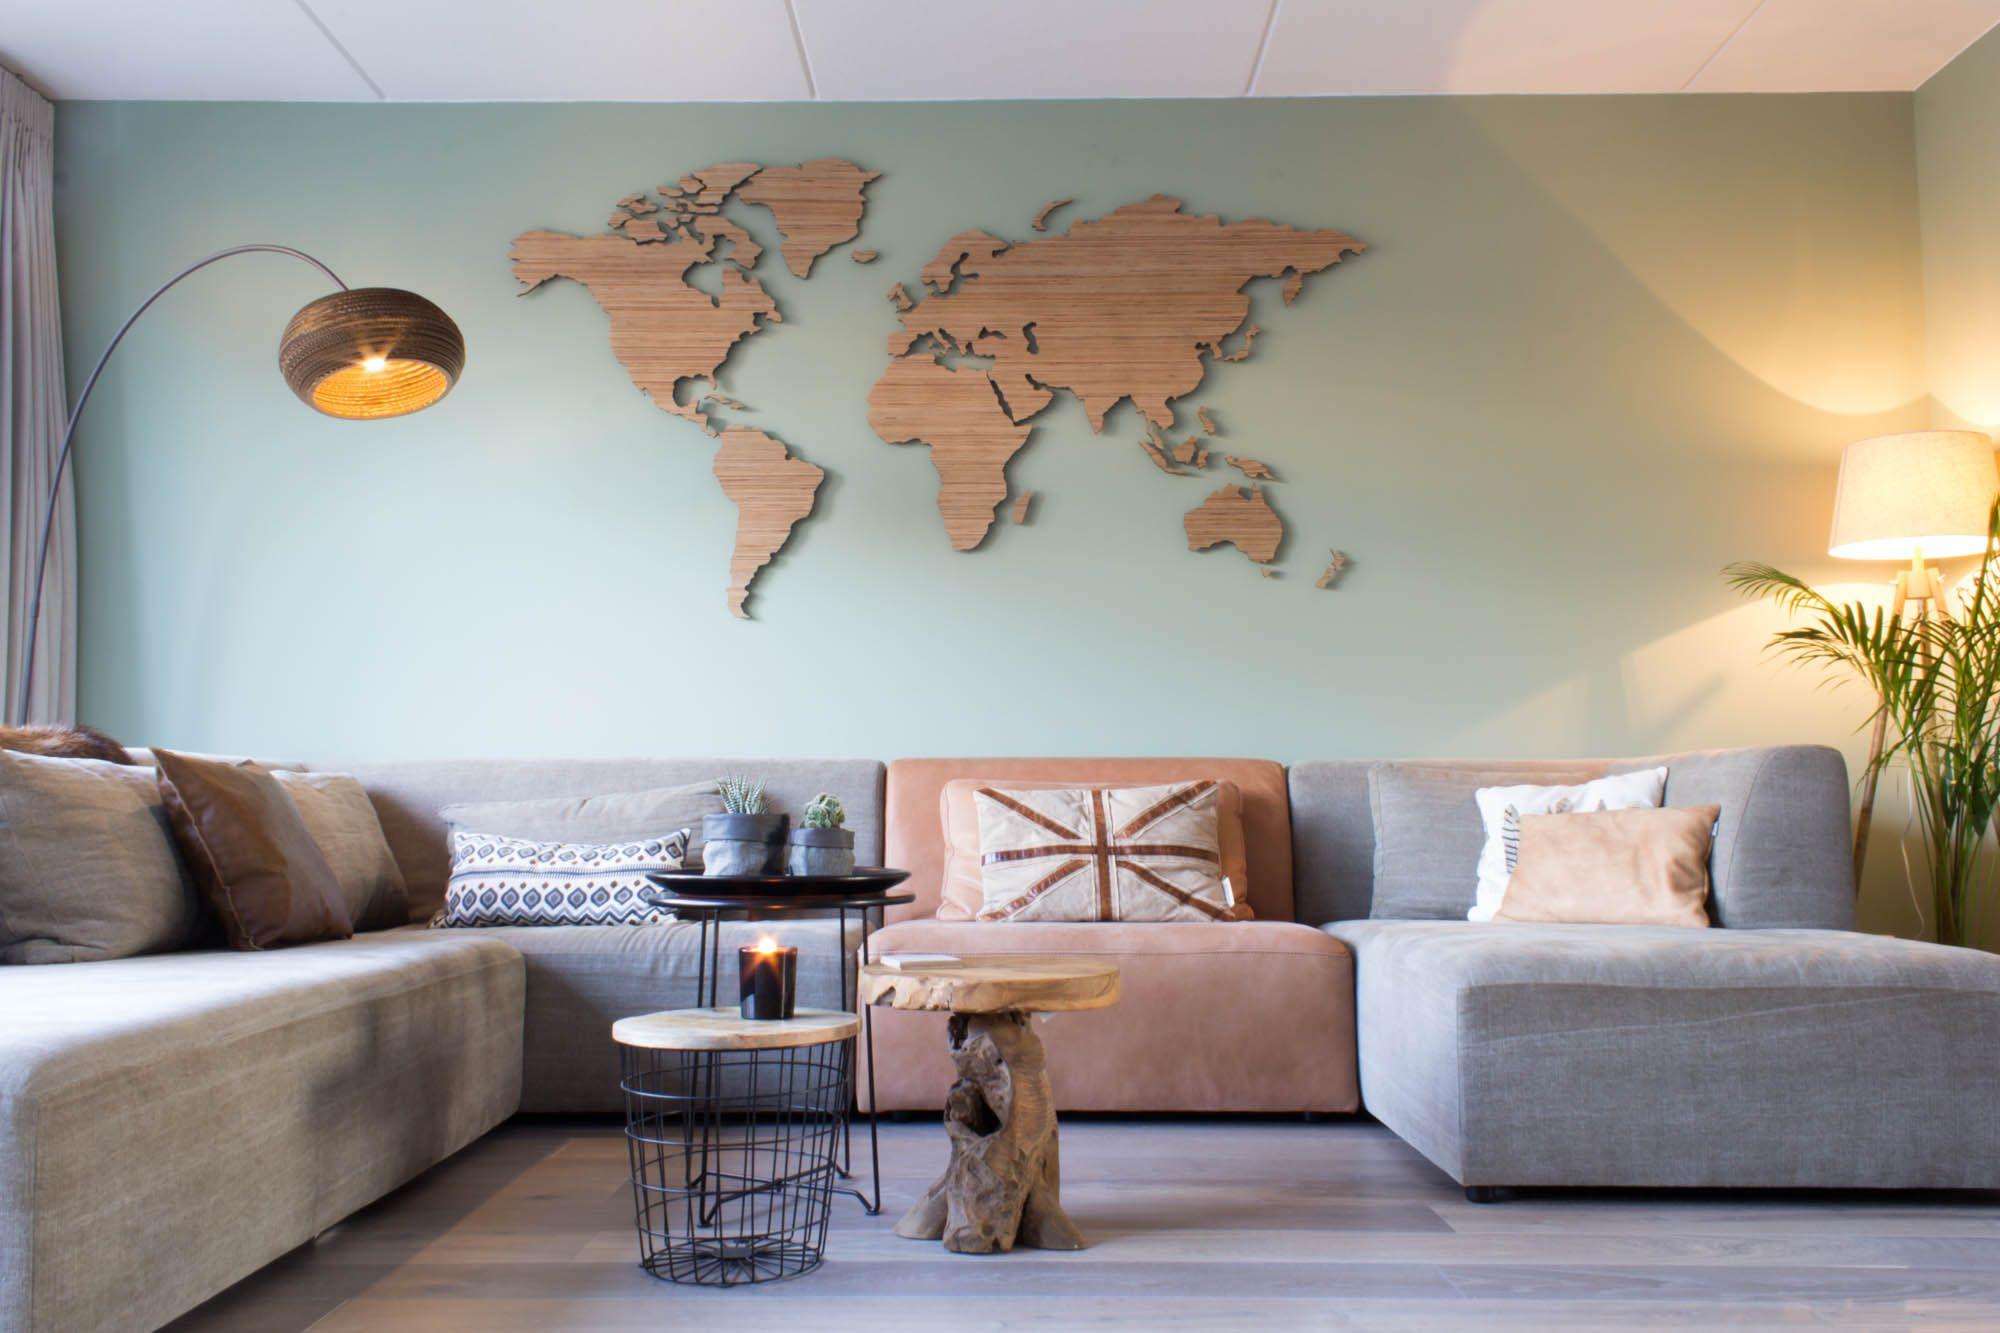 Woonkamer Met Wereldkaart : Houten wereldkaart let s play house living room